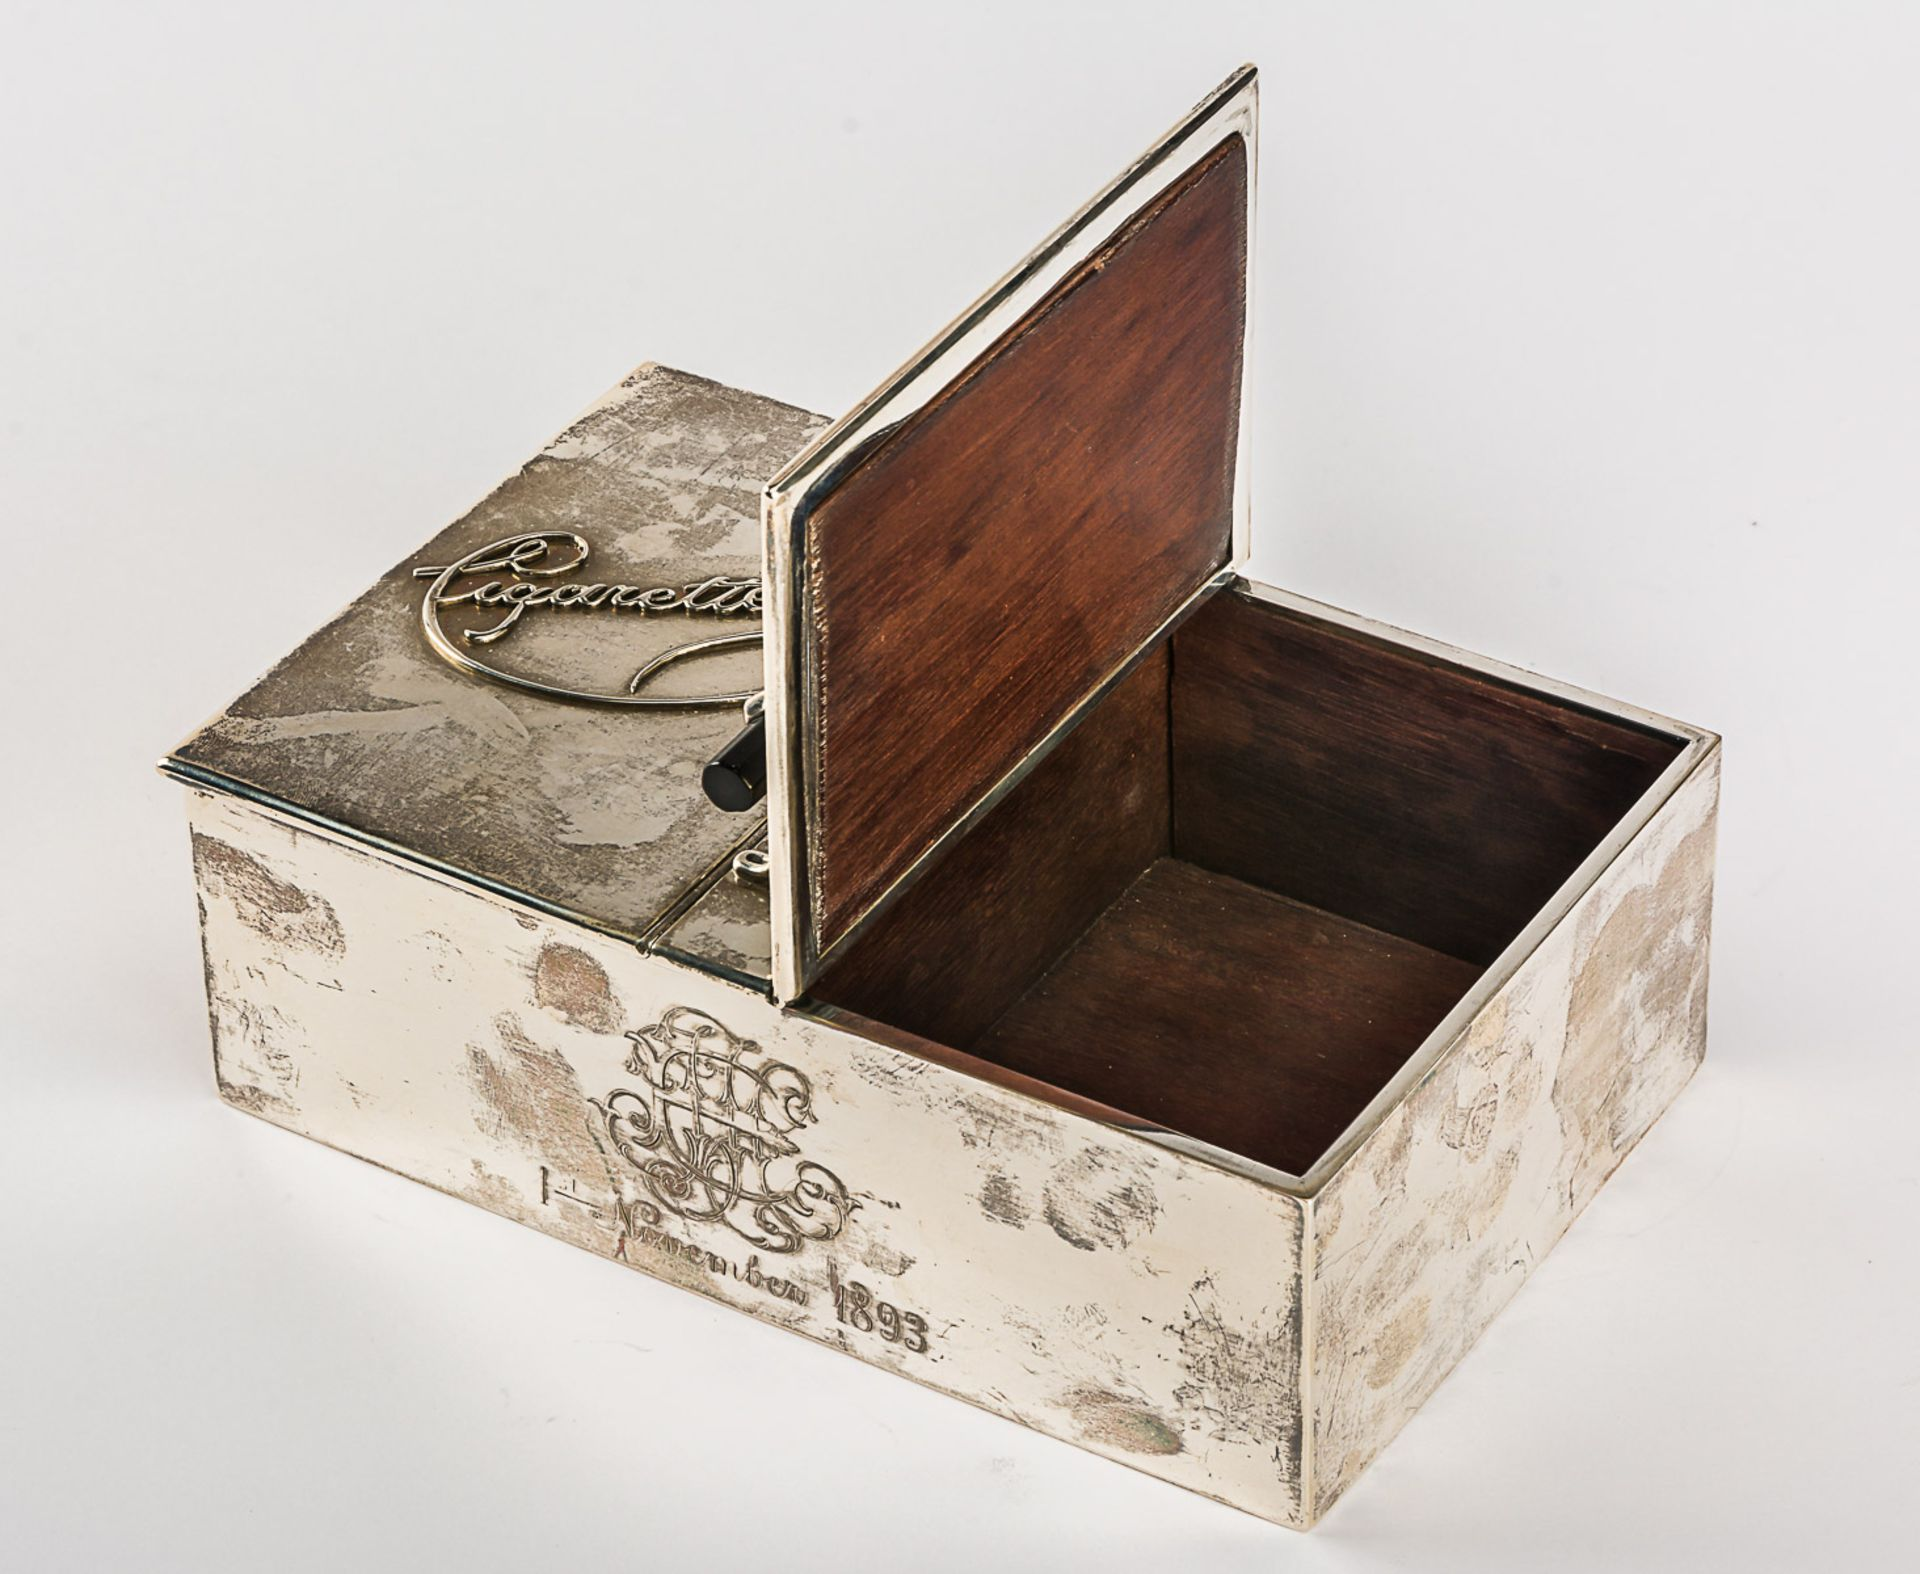 GROSSE ZIGARETTEN- UND ZIGARREN-BOX MIT MONOGRAMM UND DATUM 1. NOVEMBER 1893 - Bild 2 aus 5